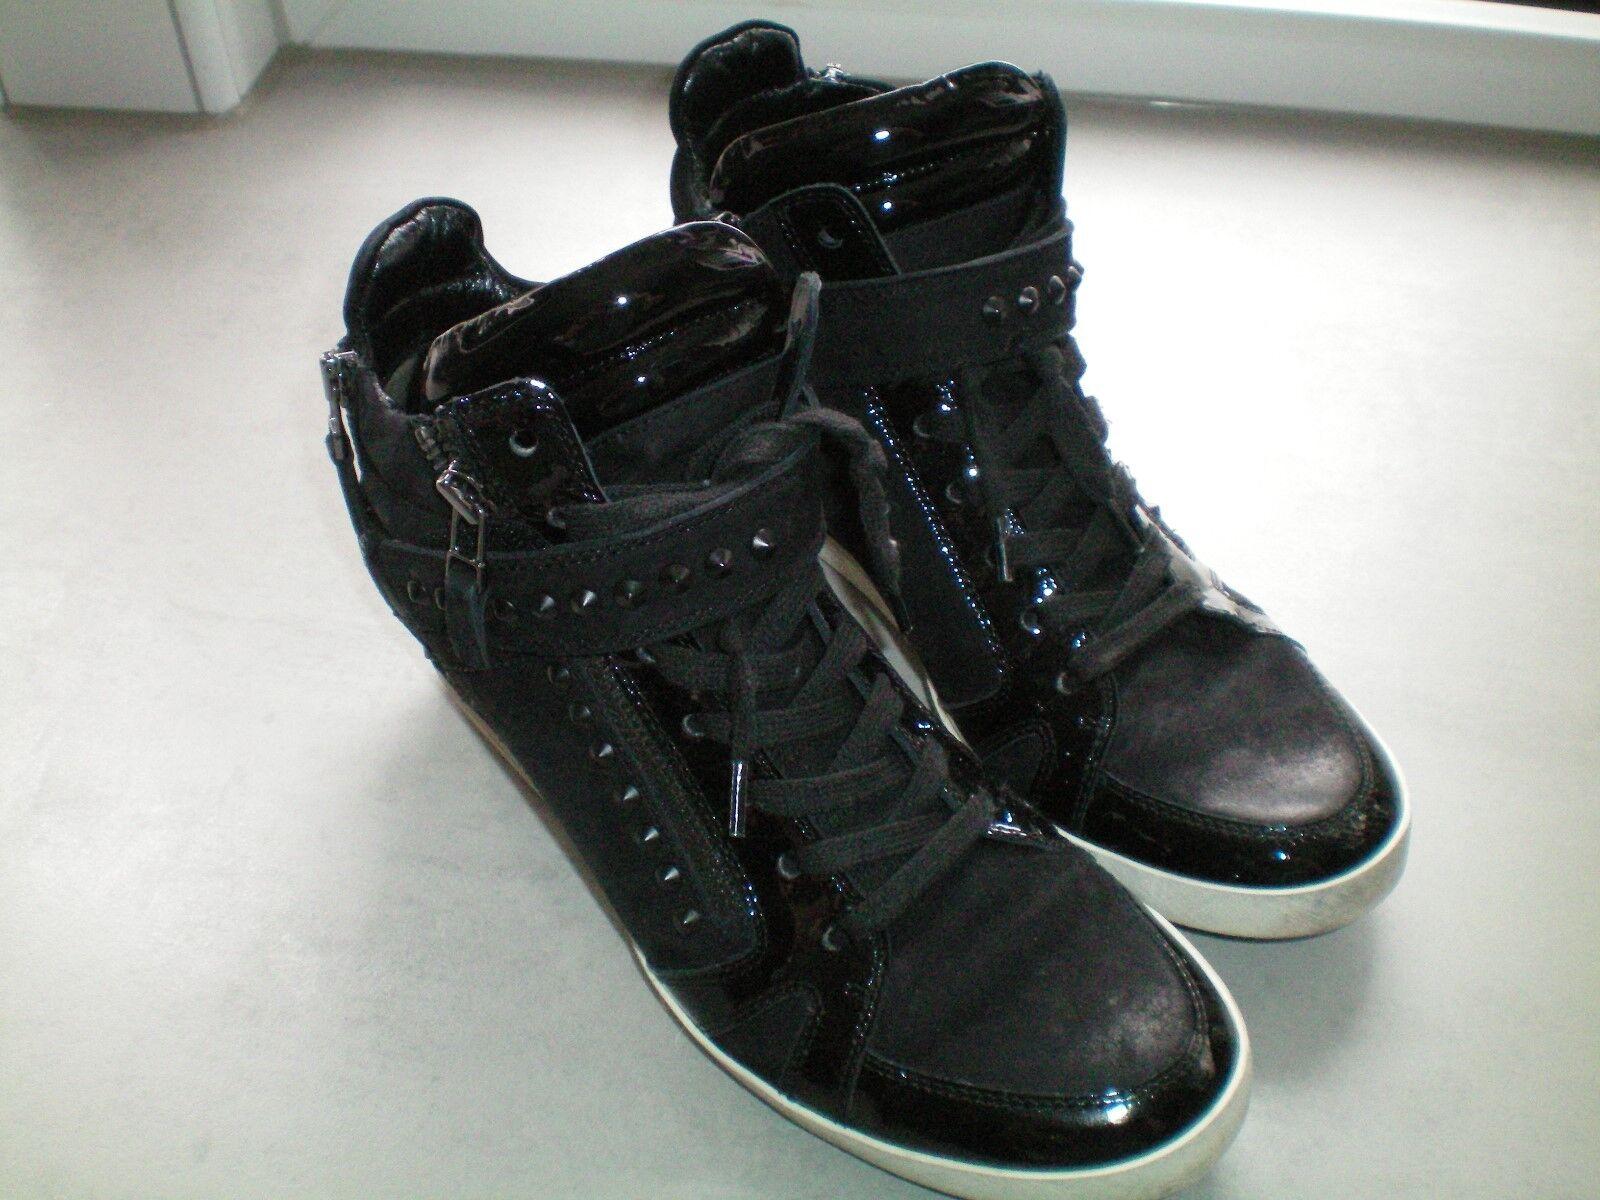 Kennel TOP und Schmenger, hohe Sneaker, TOP Kennel Gr. 7,5 / 41 schwarz 77ac22